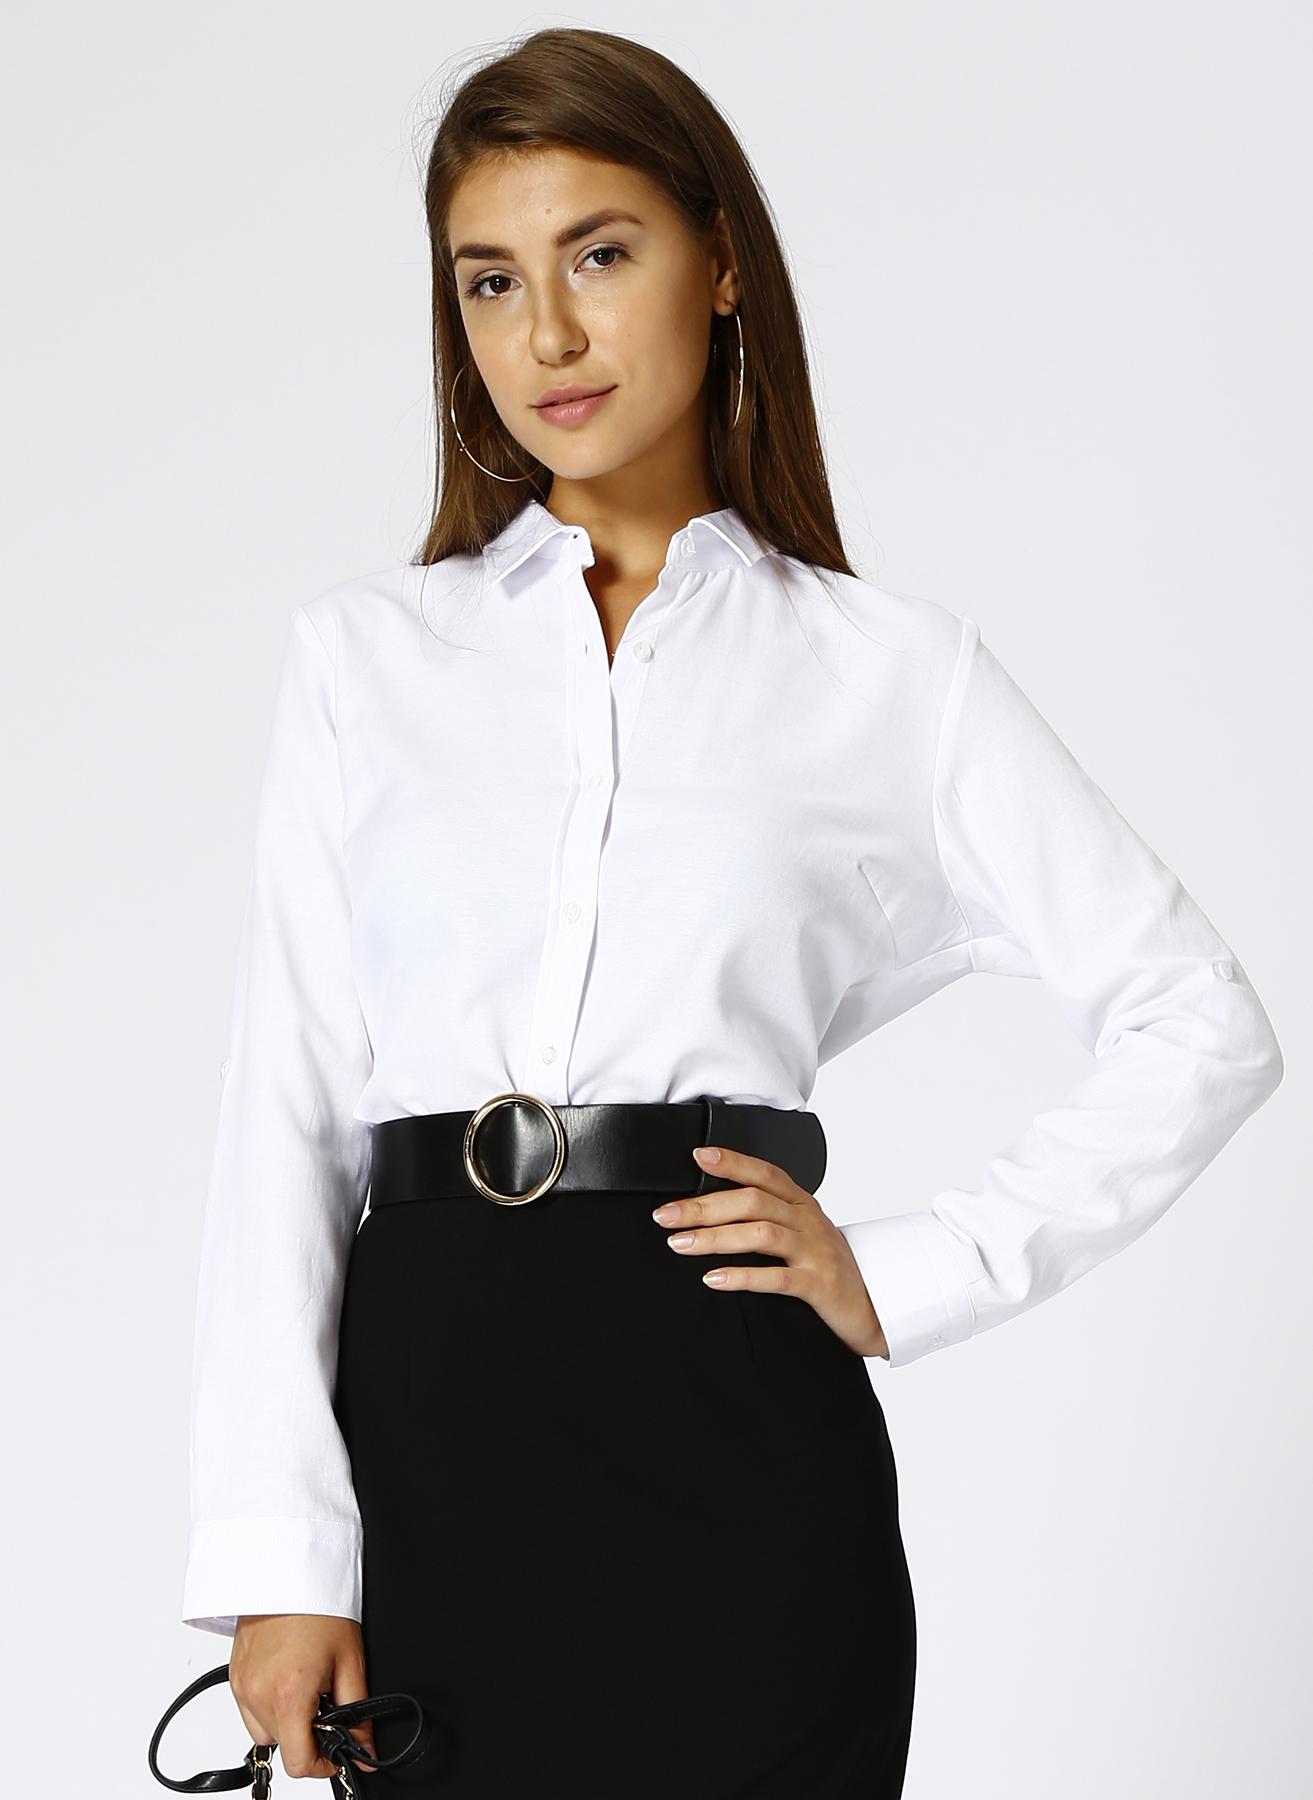 Limon Beyaz Gömlek 38 5001629848002 Ürün Resmi